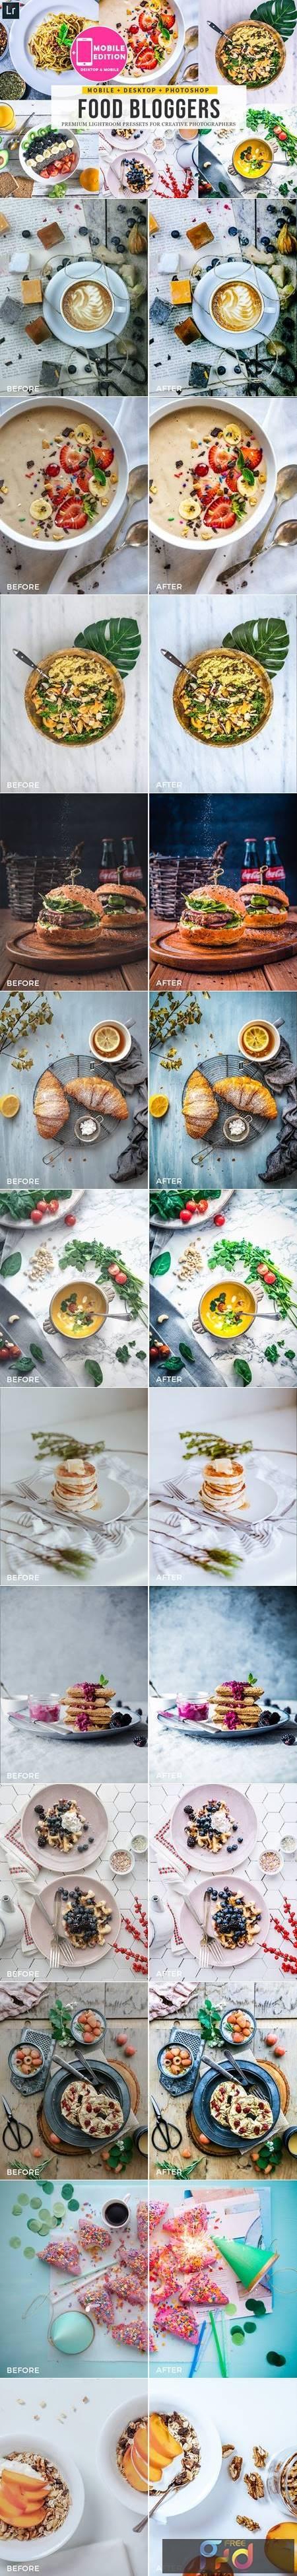 Food Blogger Lightroom Presets 4843440 1